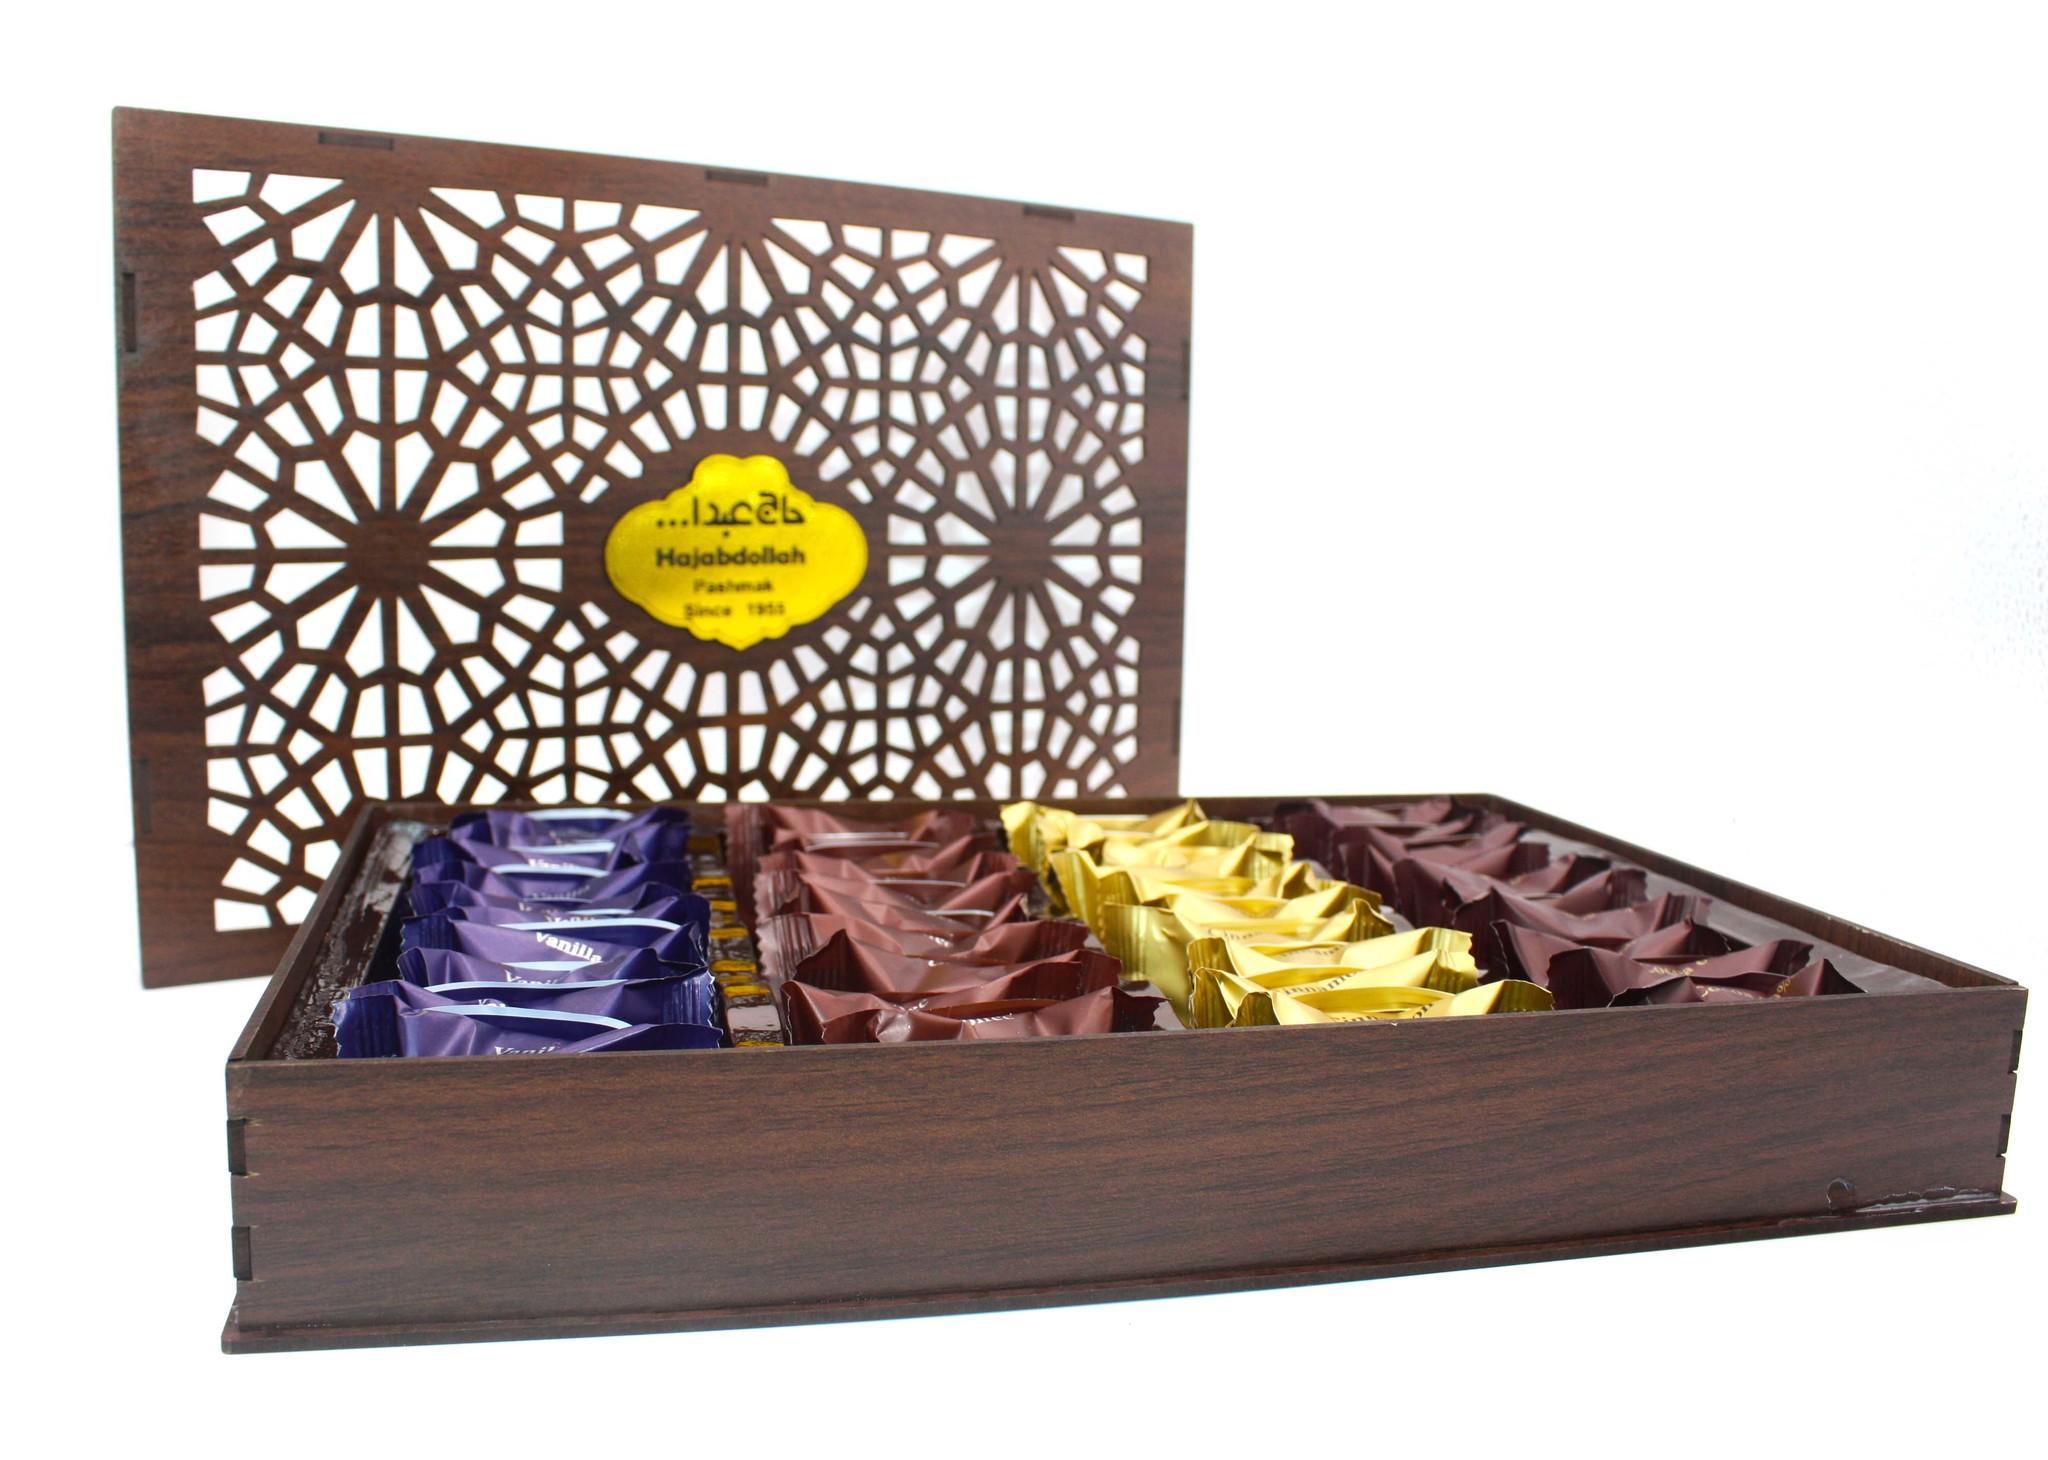 Иранская пишмание Ассорти пишмание в подарочной деревянной упаковке, Hajabdollah, 500 г import_files_7a_7a7d6a28c3f111e9a9b3484d7ecee297_7a7d6a29c3f111e9a9b3484d7ecee297.jpg